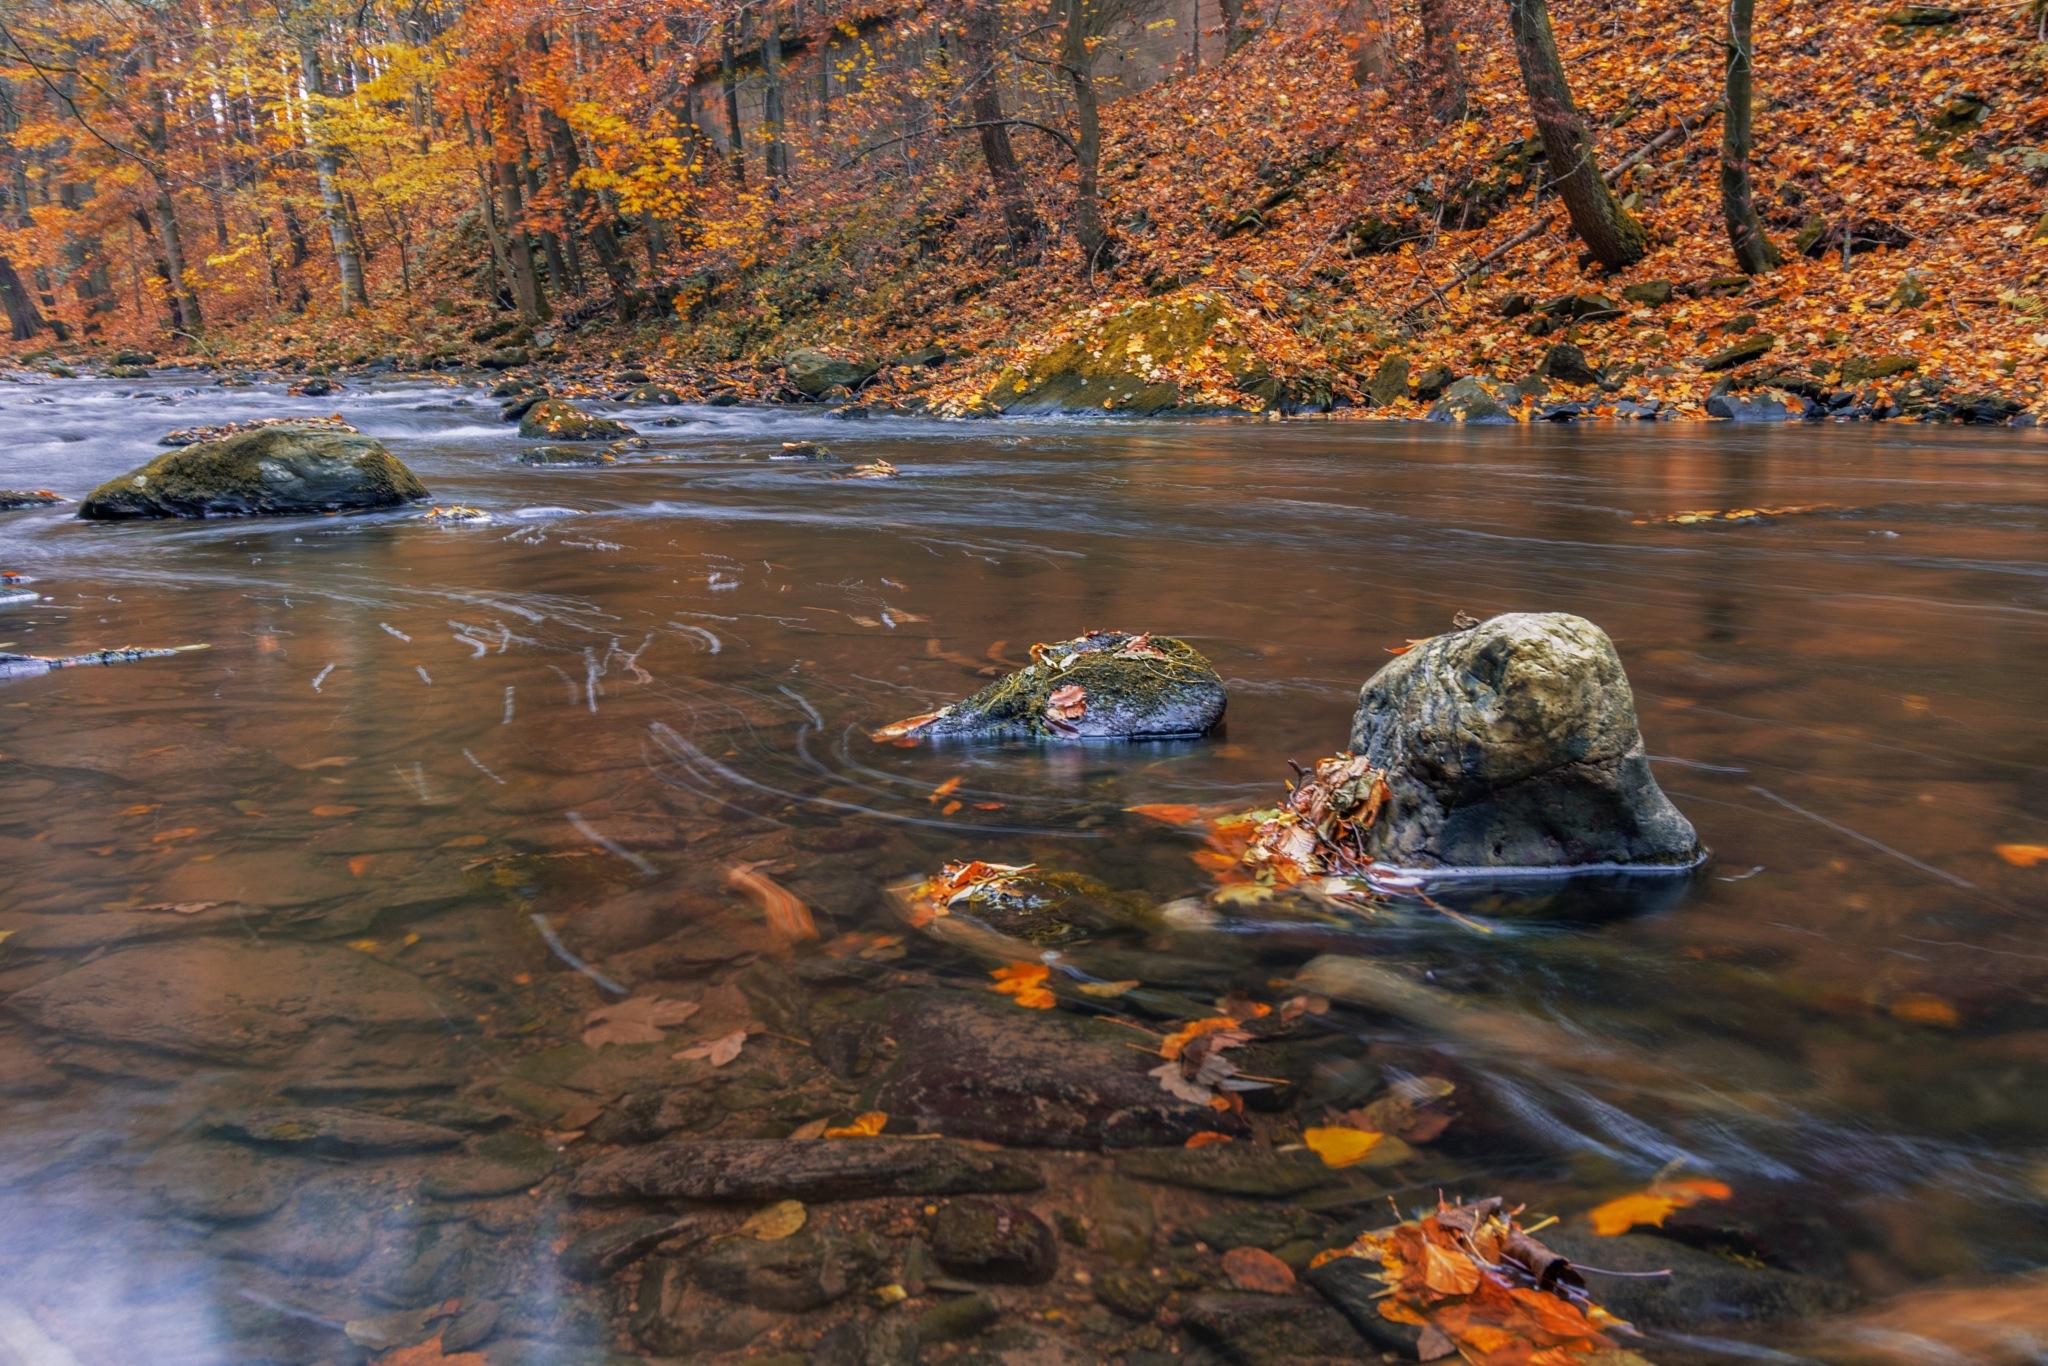 Autumn river 2 by zdenka.photo